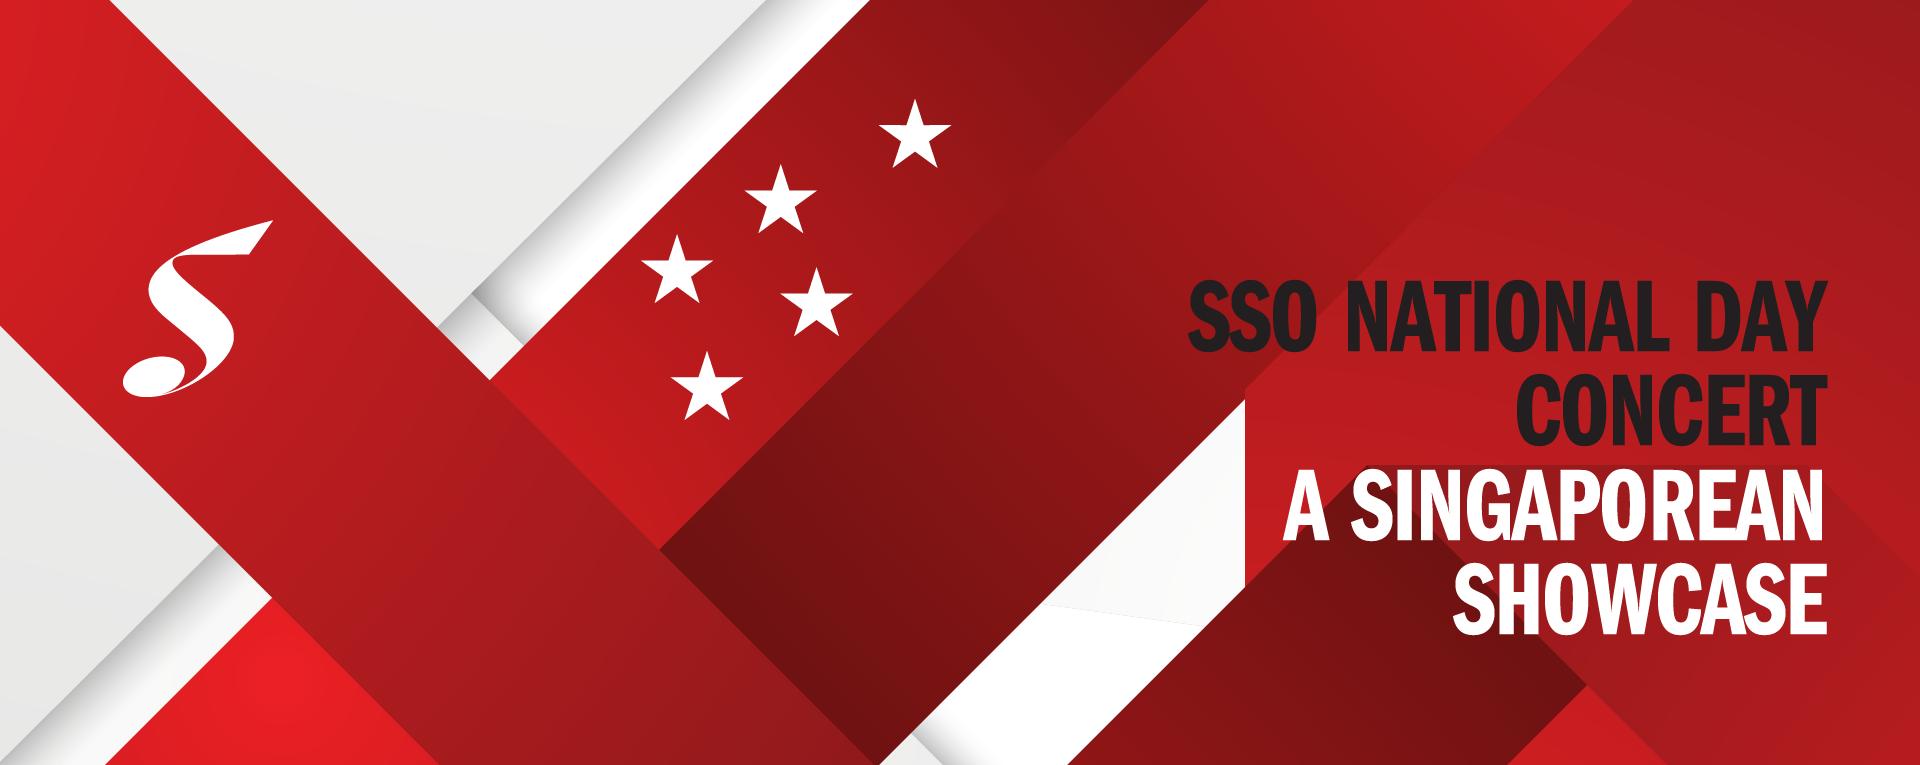 SSO National Day Concert: A Singaporean Showcase